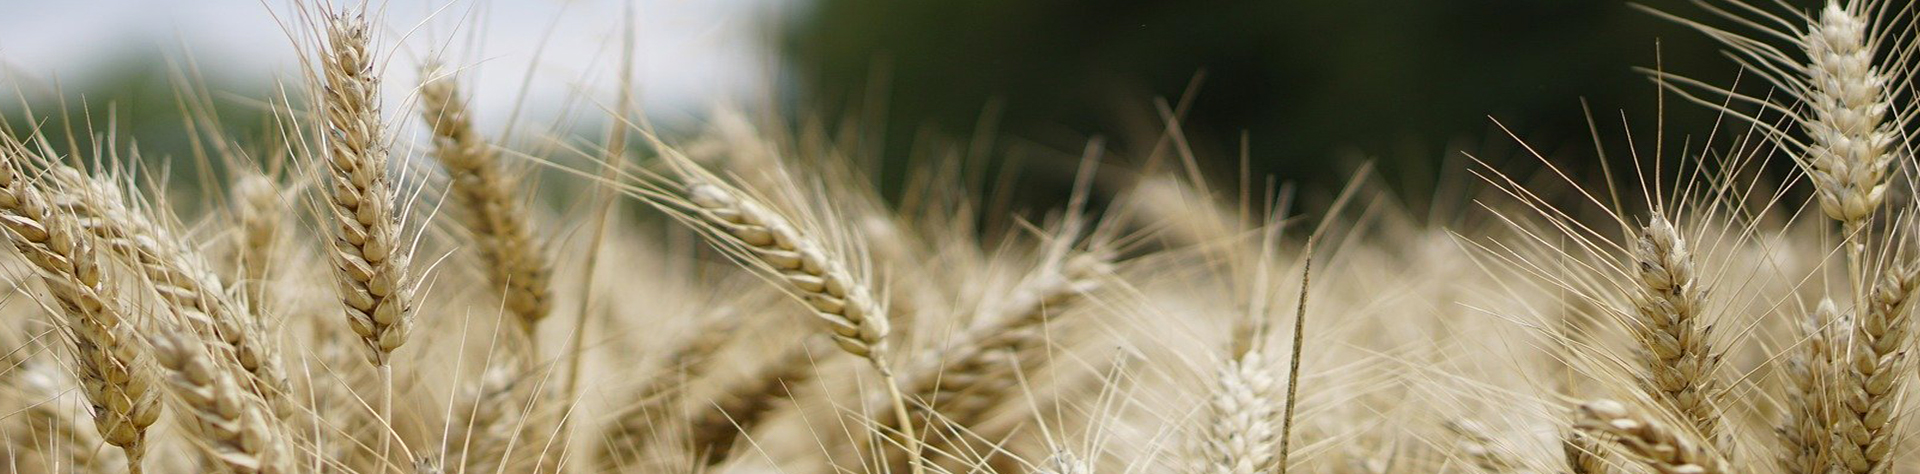 Sud Agro industrie, Business et Etudes (SABE)